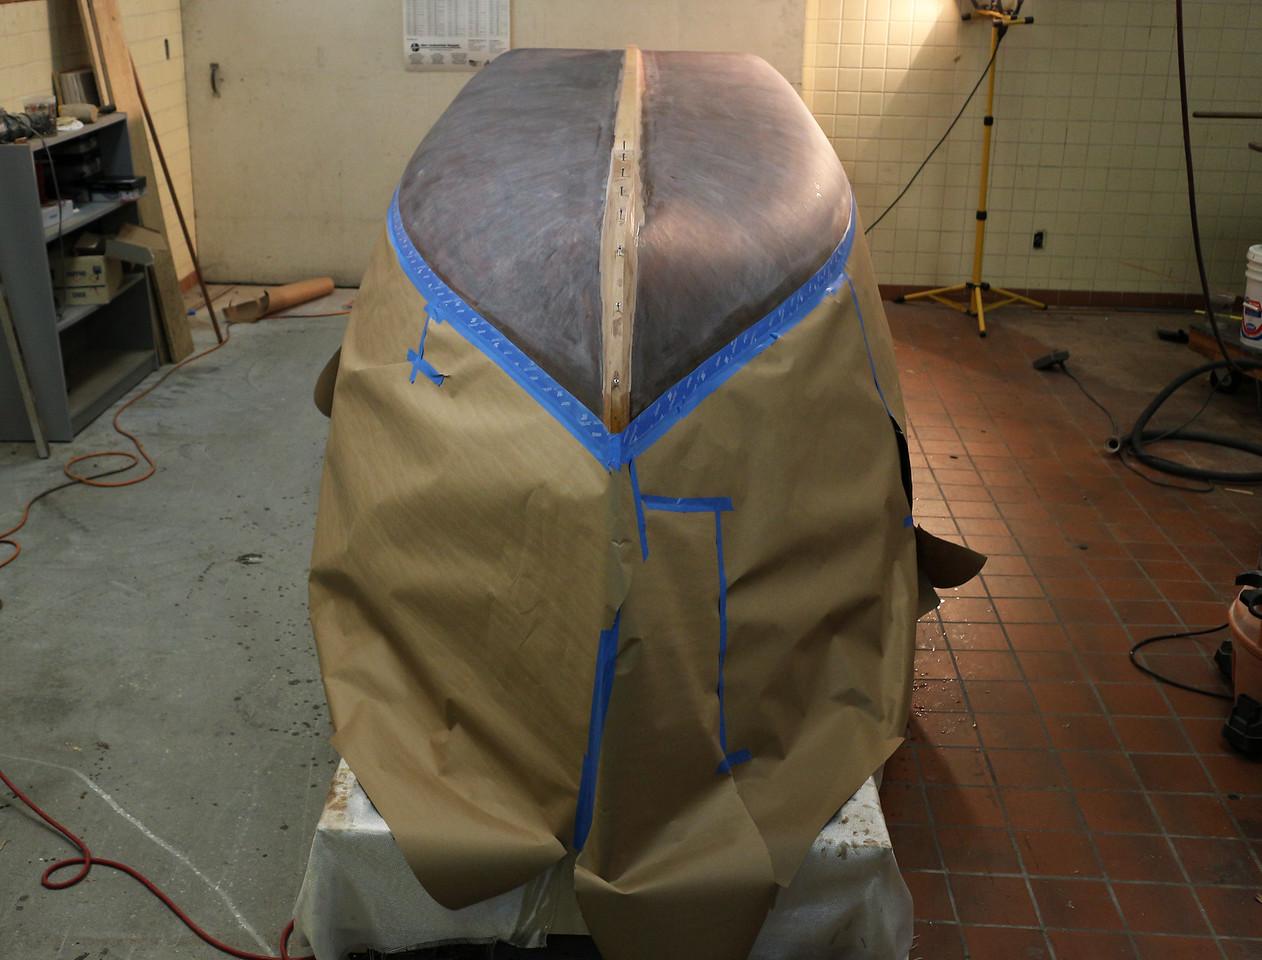 The Masked Avenger